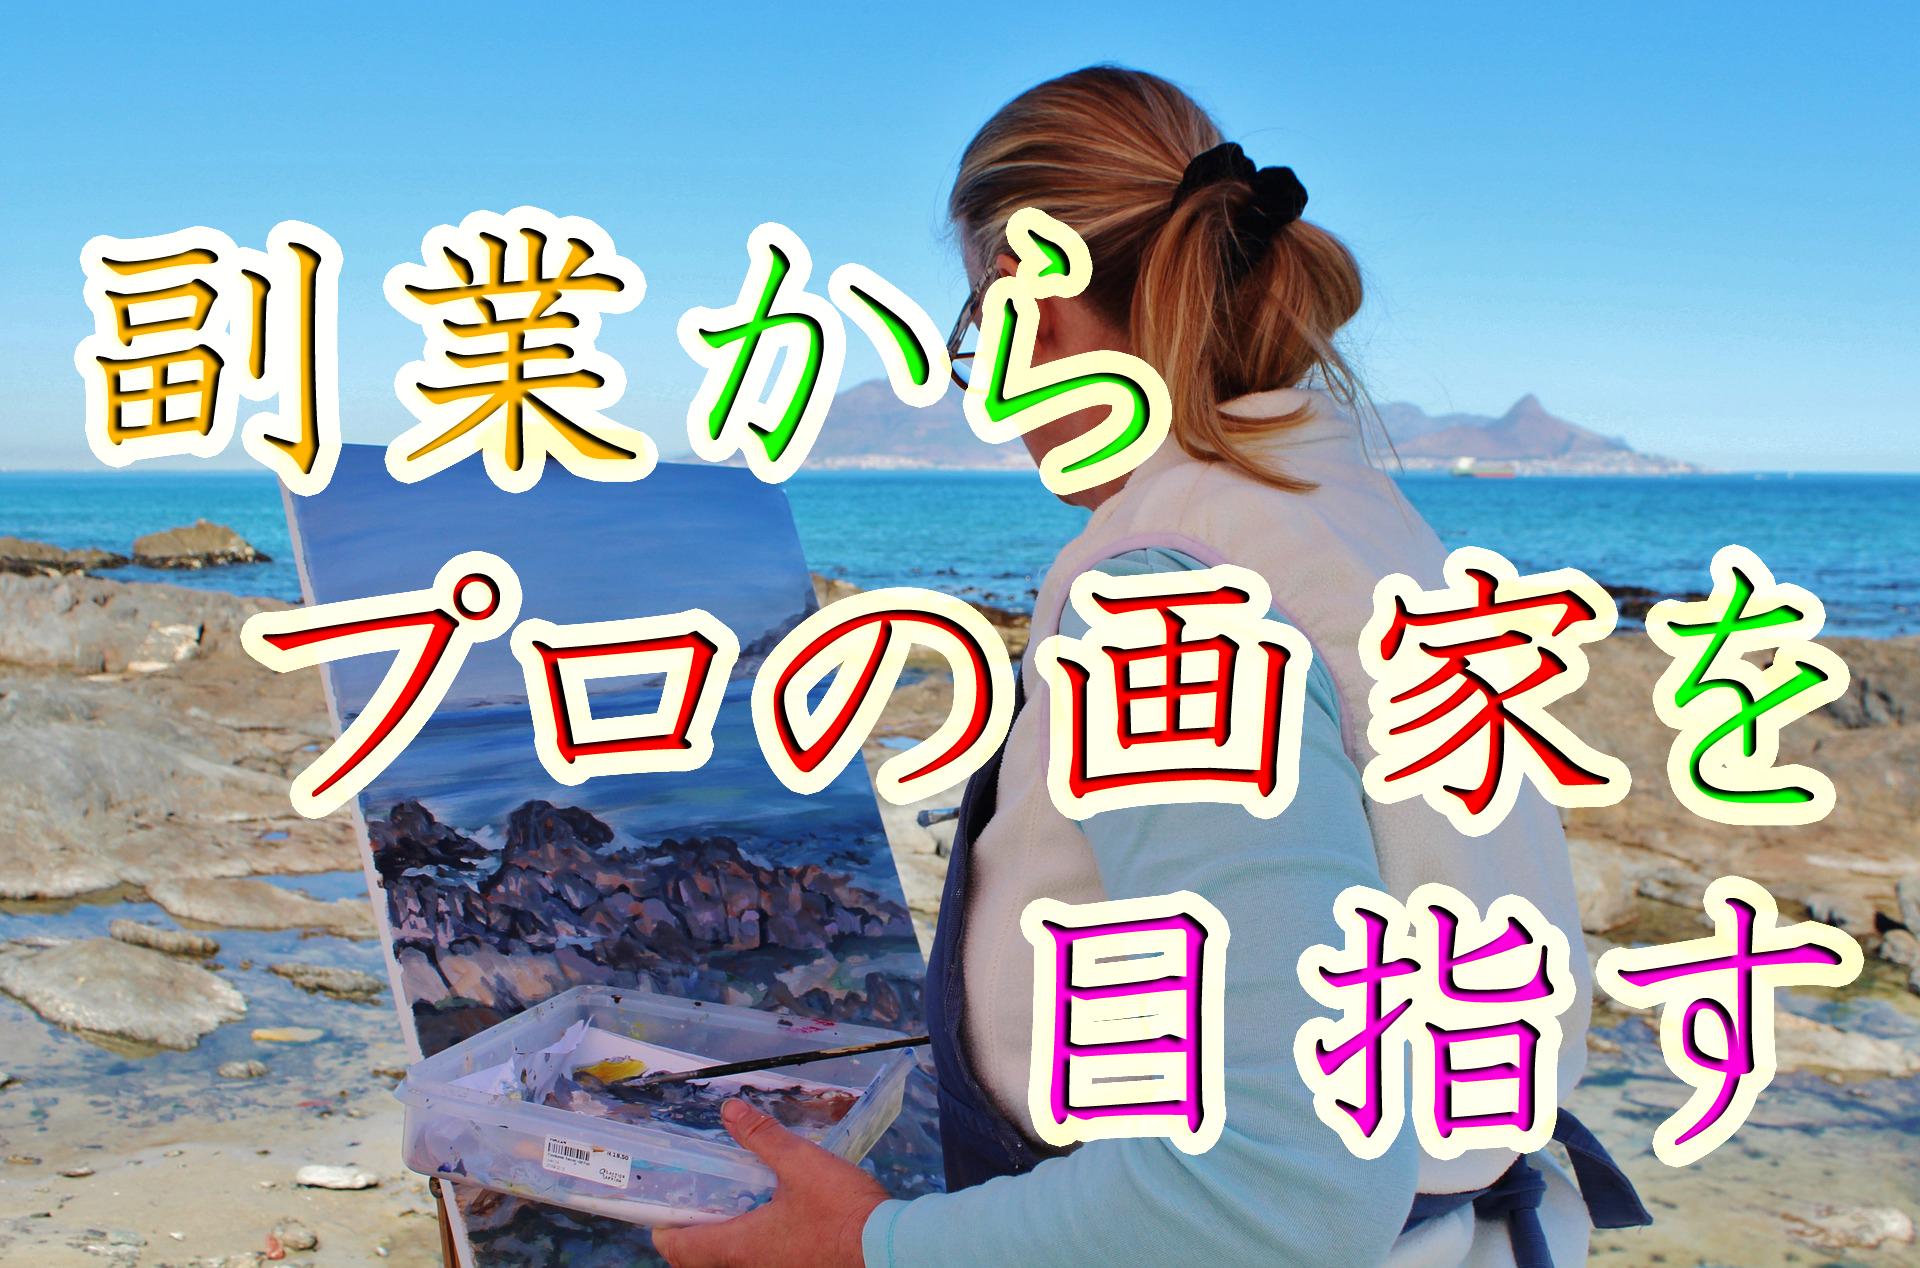 副業からプロの画家を目指す人の為のロードマップ【本気で画家になりたい人向け】